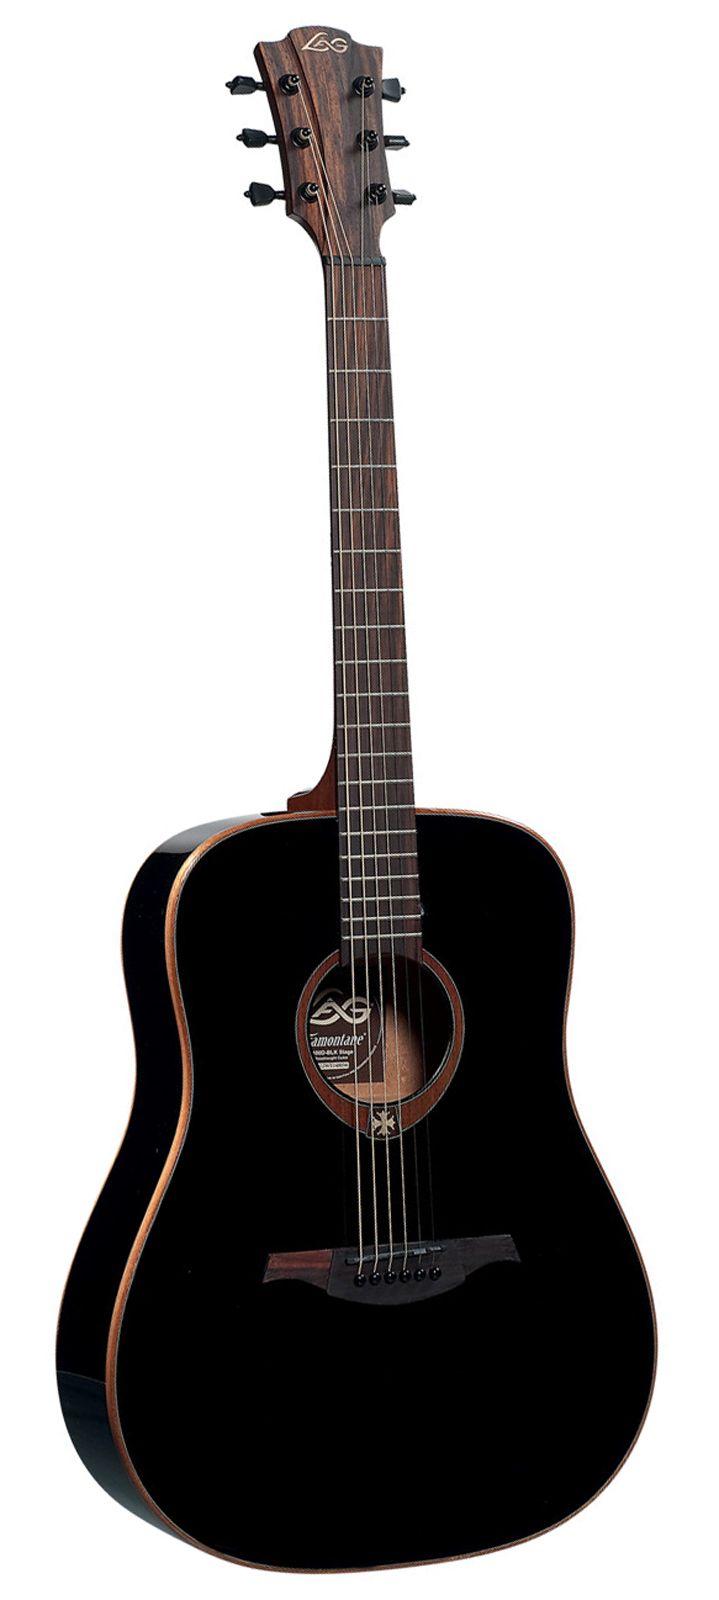 Répondant aux stricts standards de la guitare folk, cette dreadnought conviendra à tous les guitaristes acoustiques exigeants : table en cèdre rouge massif pour un son chaud et équilibré, caisse en acajou délicatement cernée d'un filet ouvragé, mécaniques à bain d'huile et sillets en graphite. On appréciera la prise en main naturelle ainsi que la facilité de jeu quel que soit le style de musique abordé.<br /><br />- Tête : Palissandre d'Indonésie avec logo i...